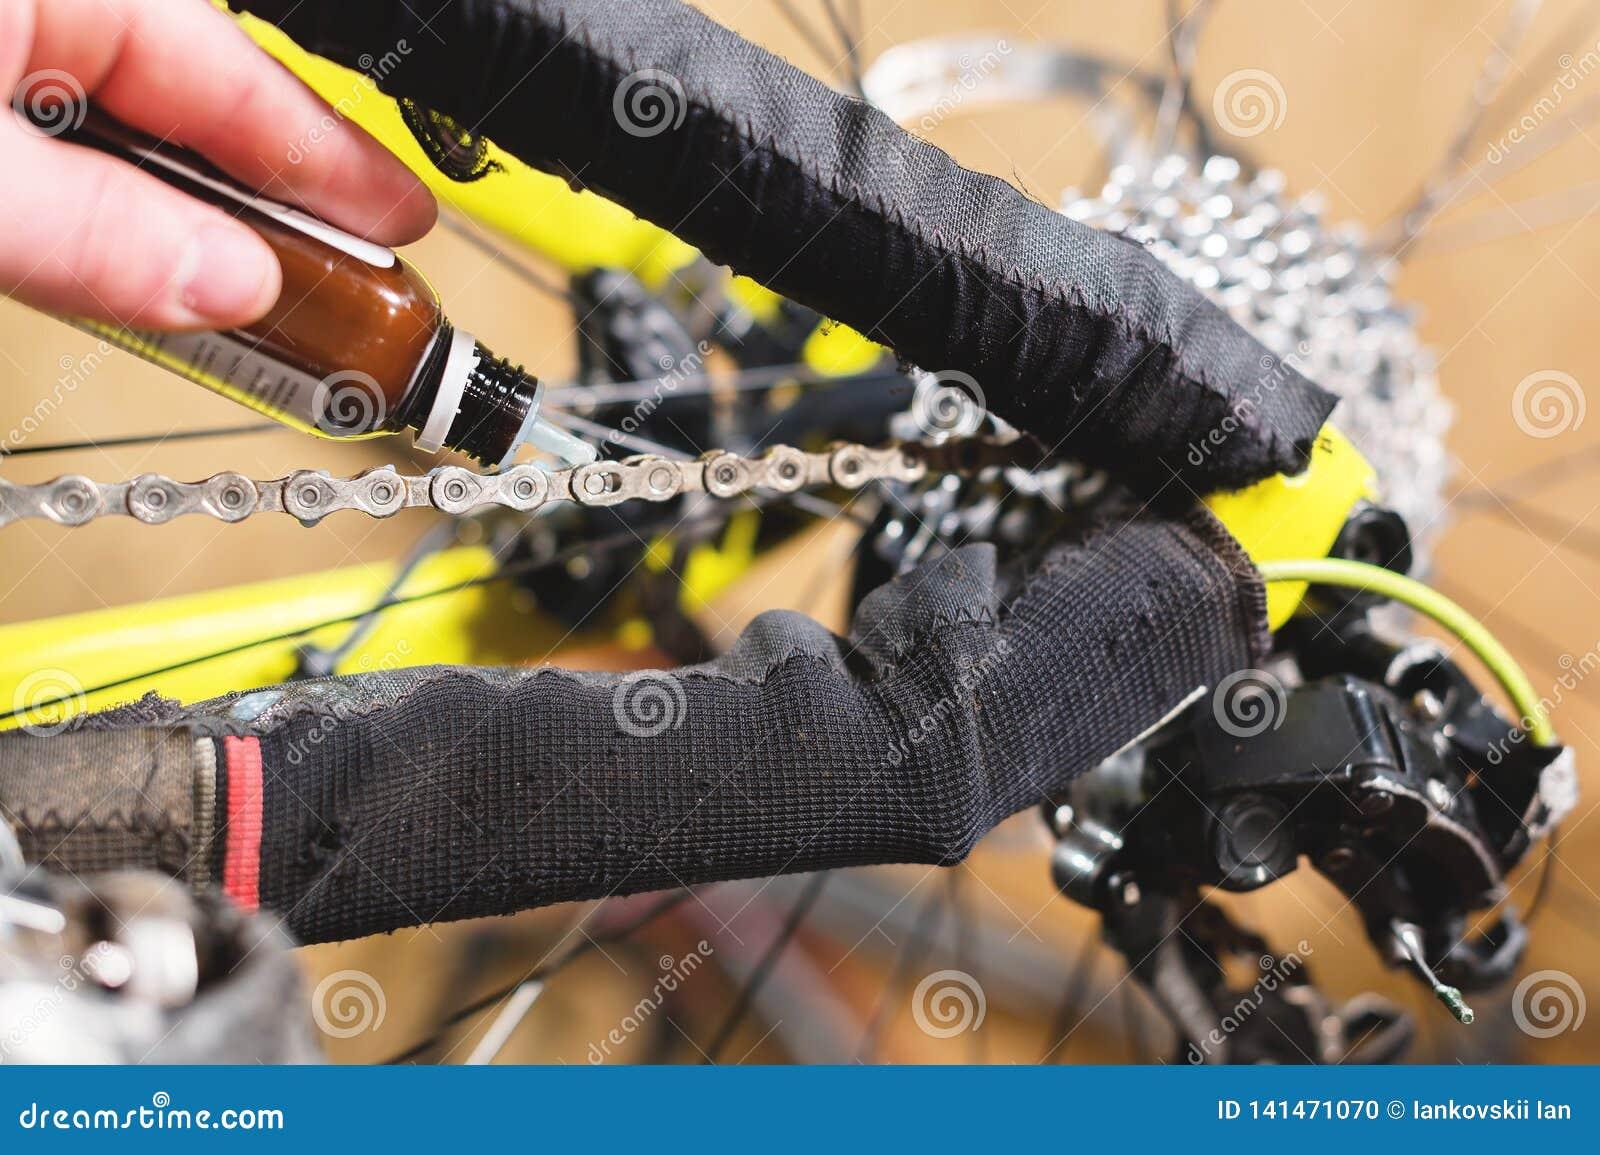 Close-up van een man hand, door meesters wordt het geleid, smeert de fietsketting van een bergfiets met een speciaal smeermiddel